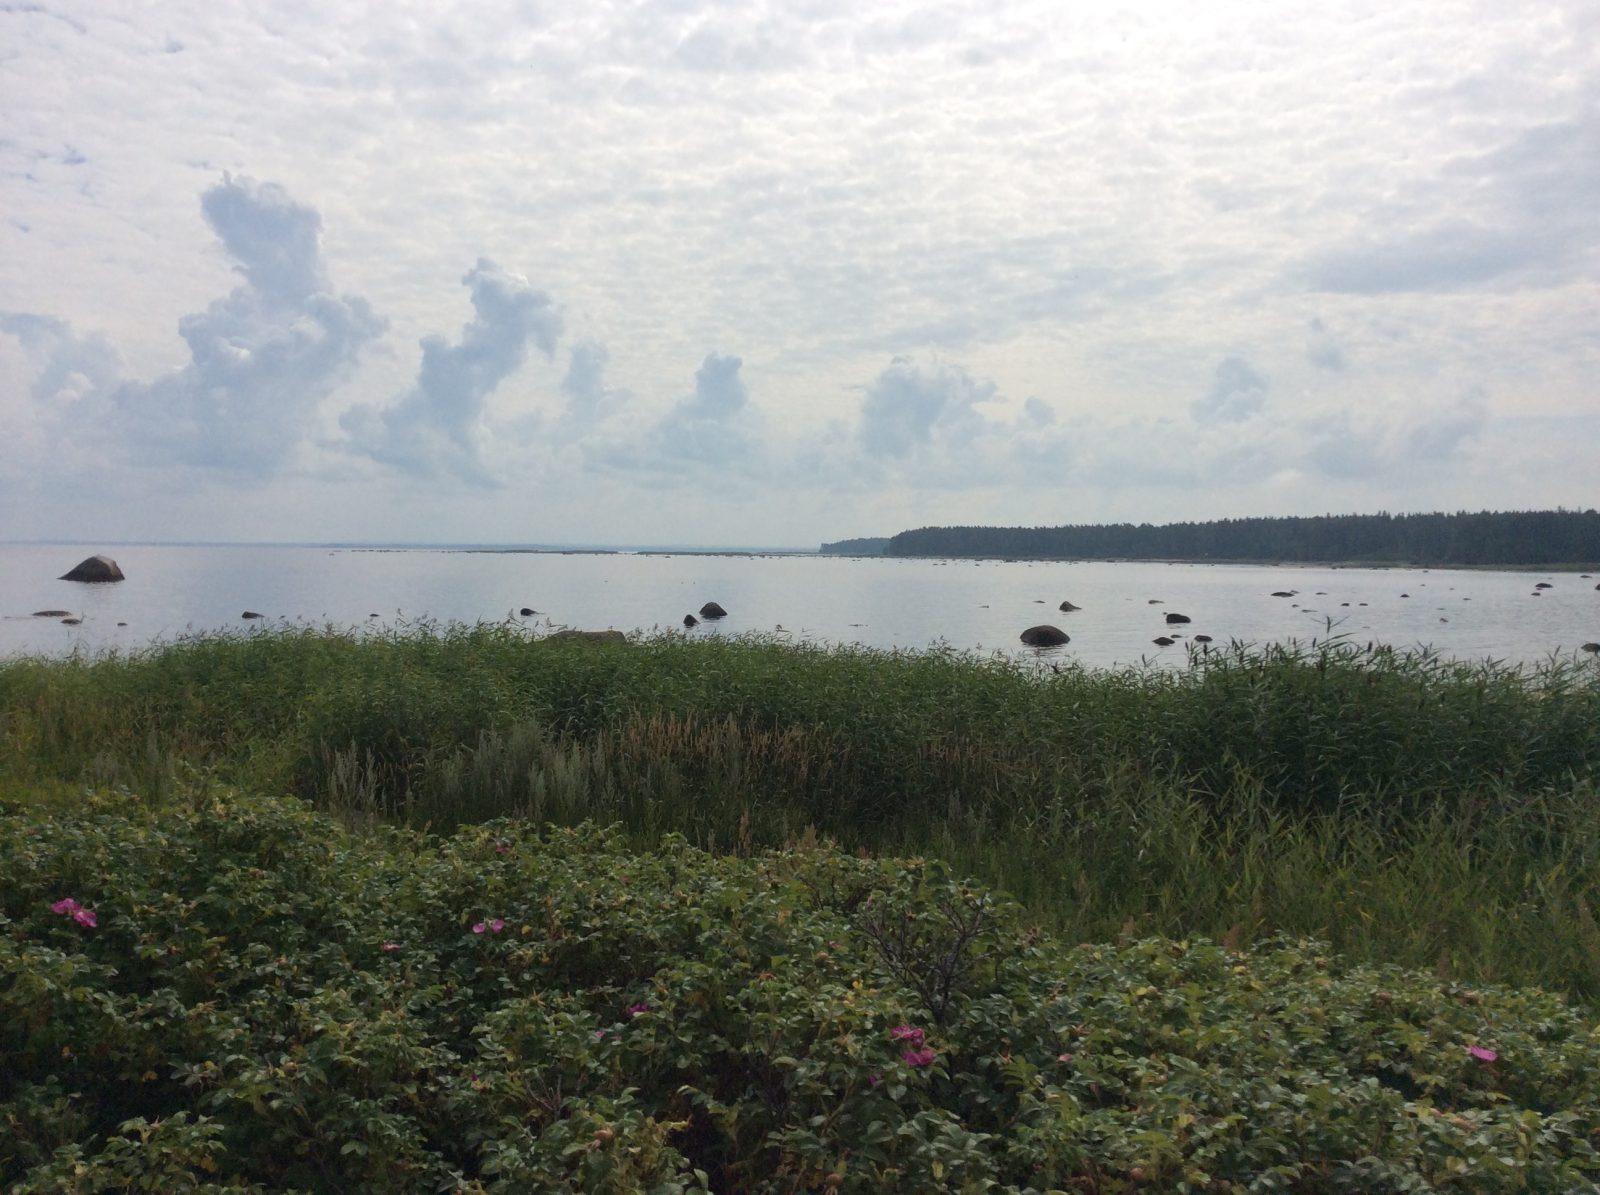 Финский залив. Мыс Липуниэми